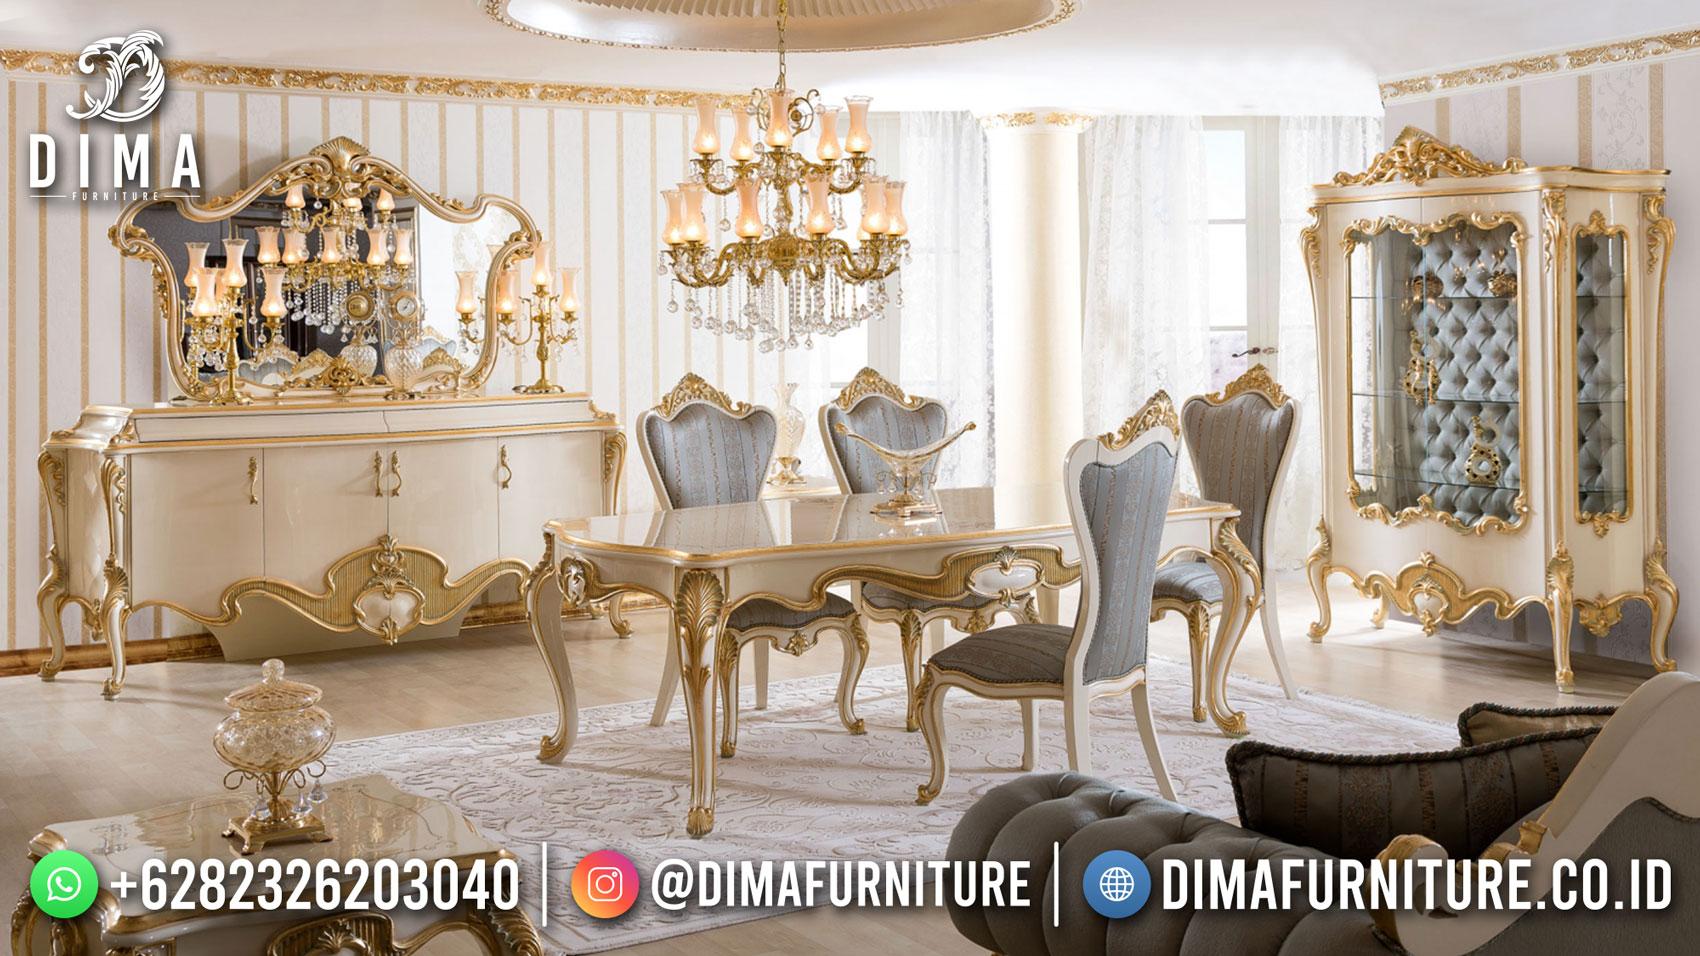 Luxury Meja Makan Mewah 6 Kursi New Furniture Jepara ST-1492